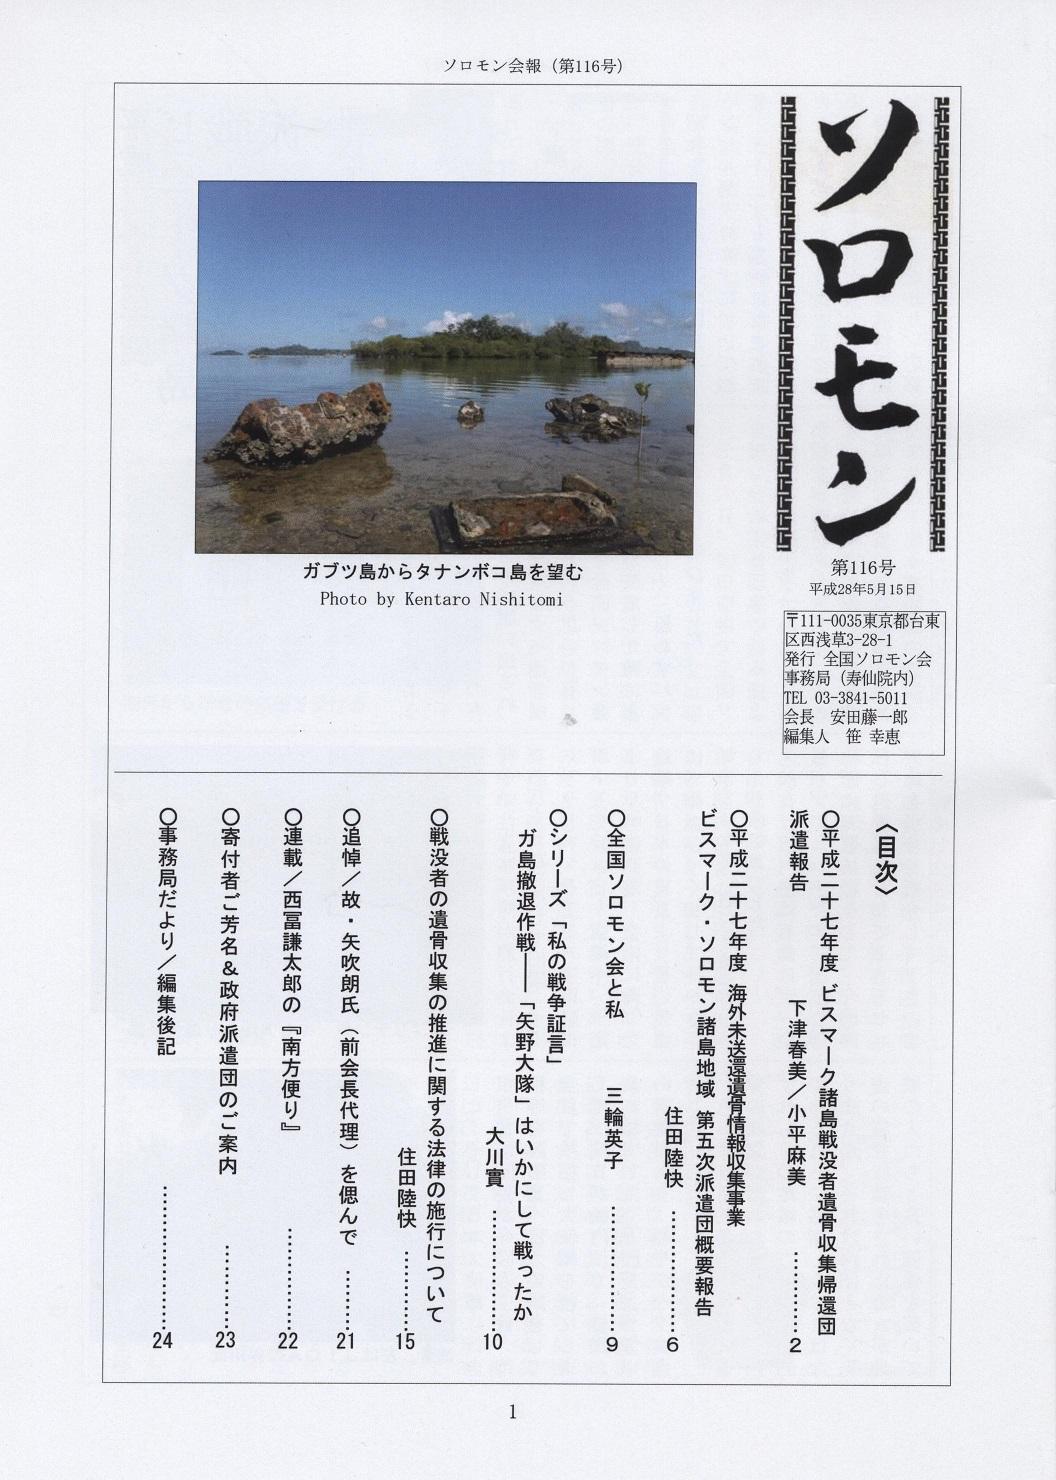 ソロモン会報116